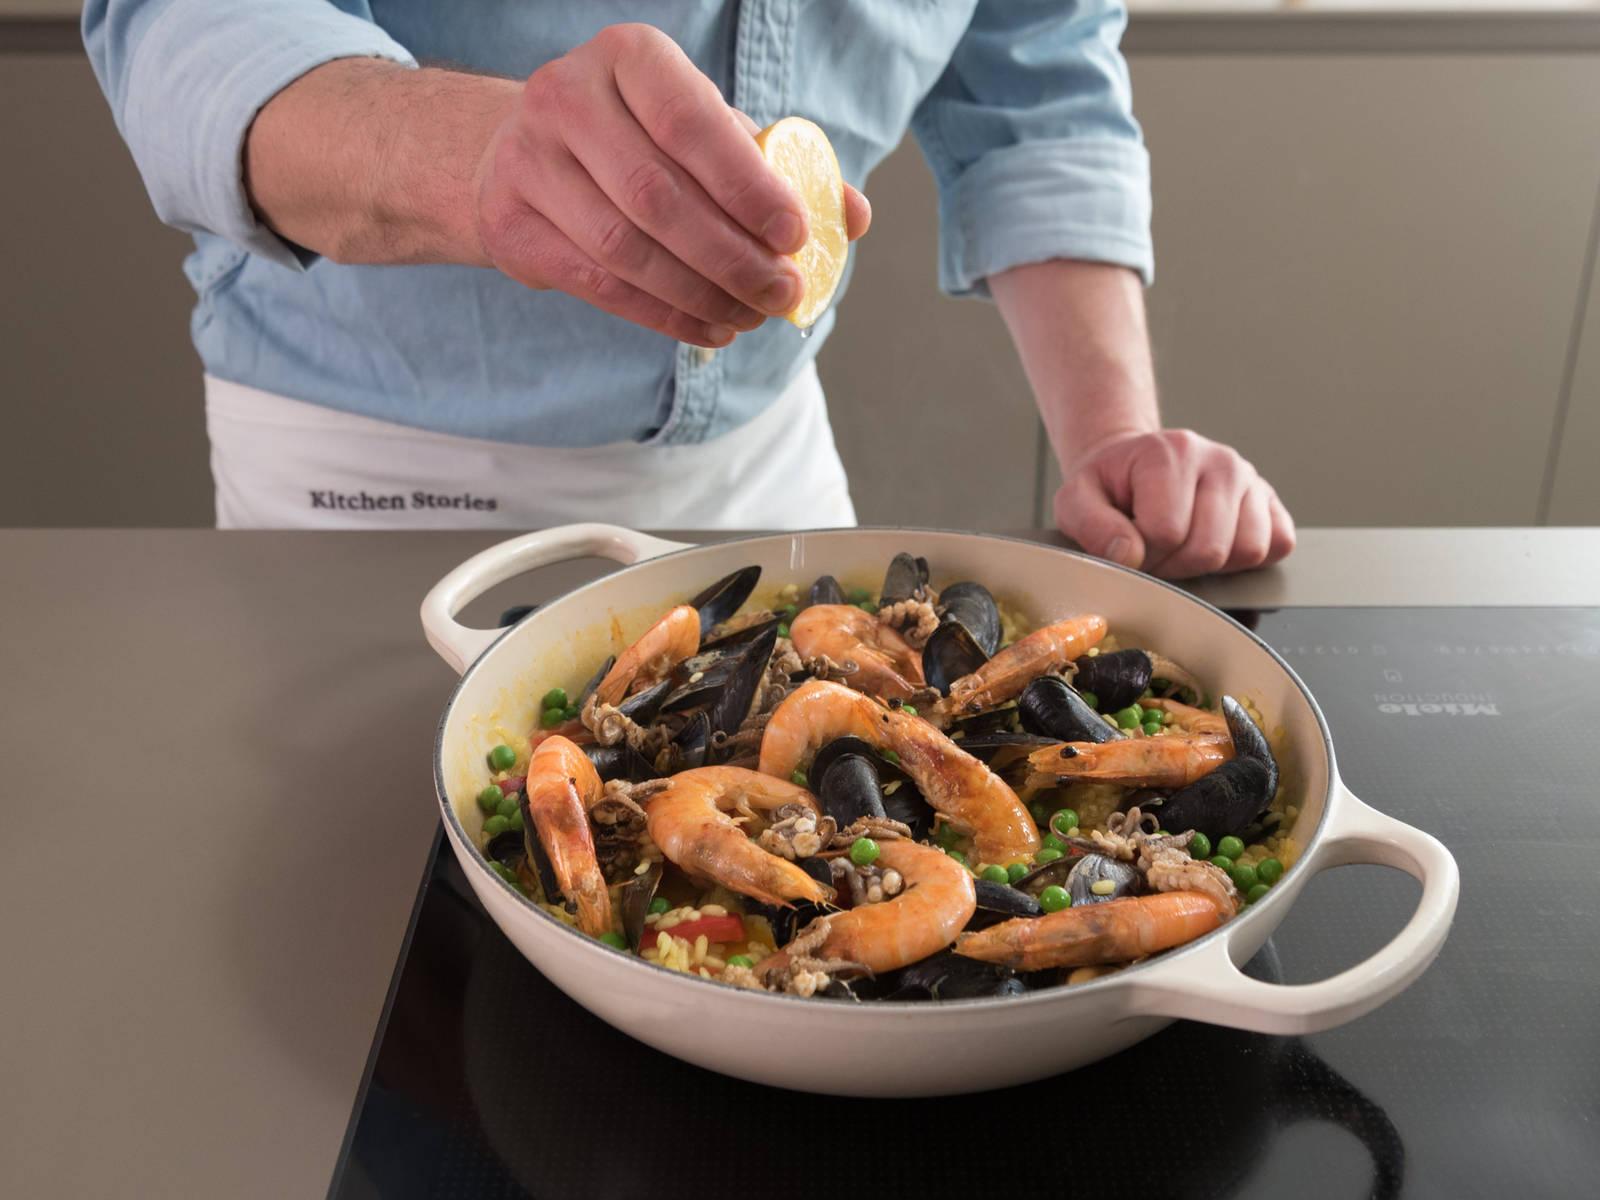 Mit Geschirrtuch bedecken und ca. 5 Min. ziehen lassen. Anschließend nicht-geöffnete Muscheln aussortieren. Mit Salz, Pfeffer und Zitronensaft abschmecken und mit Basilikum servieren. Guten Appetit!